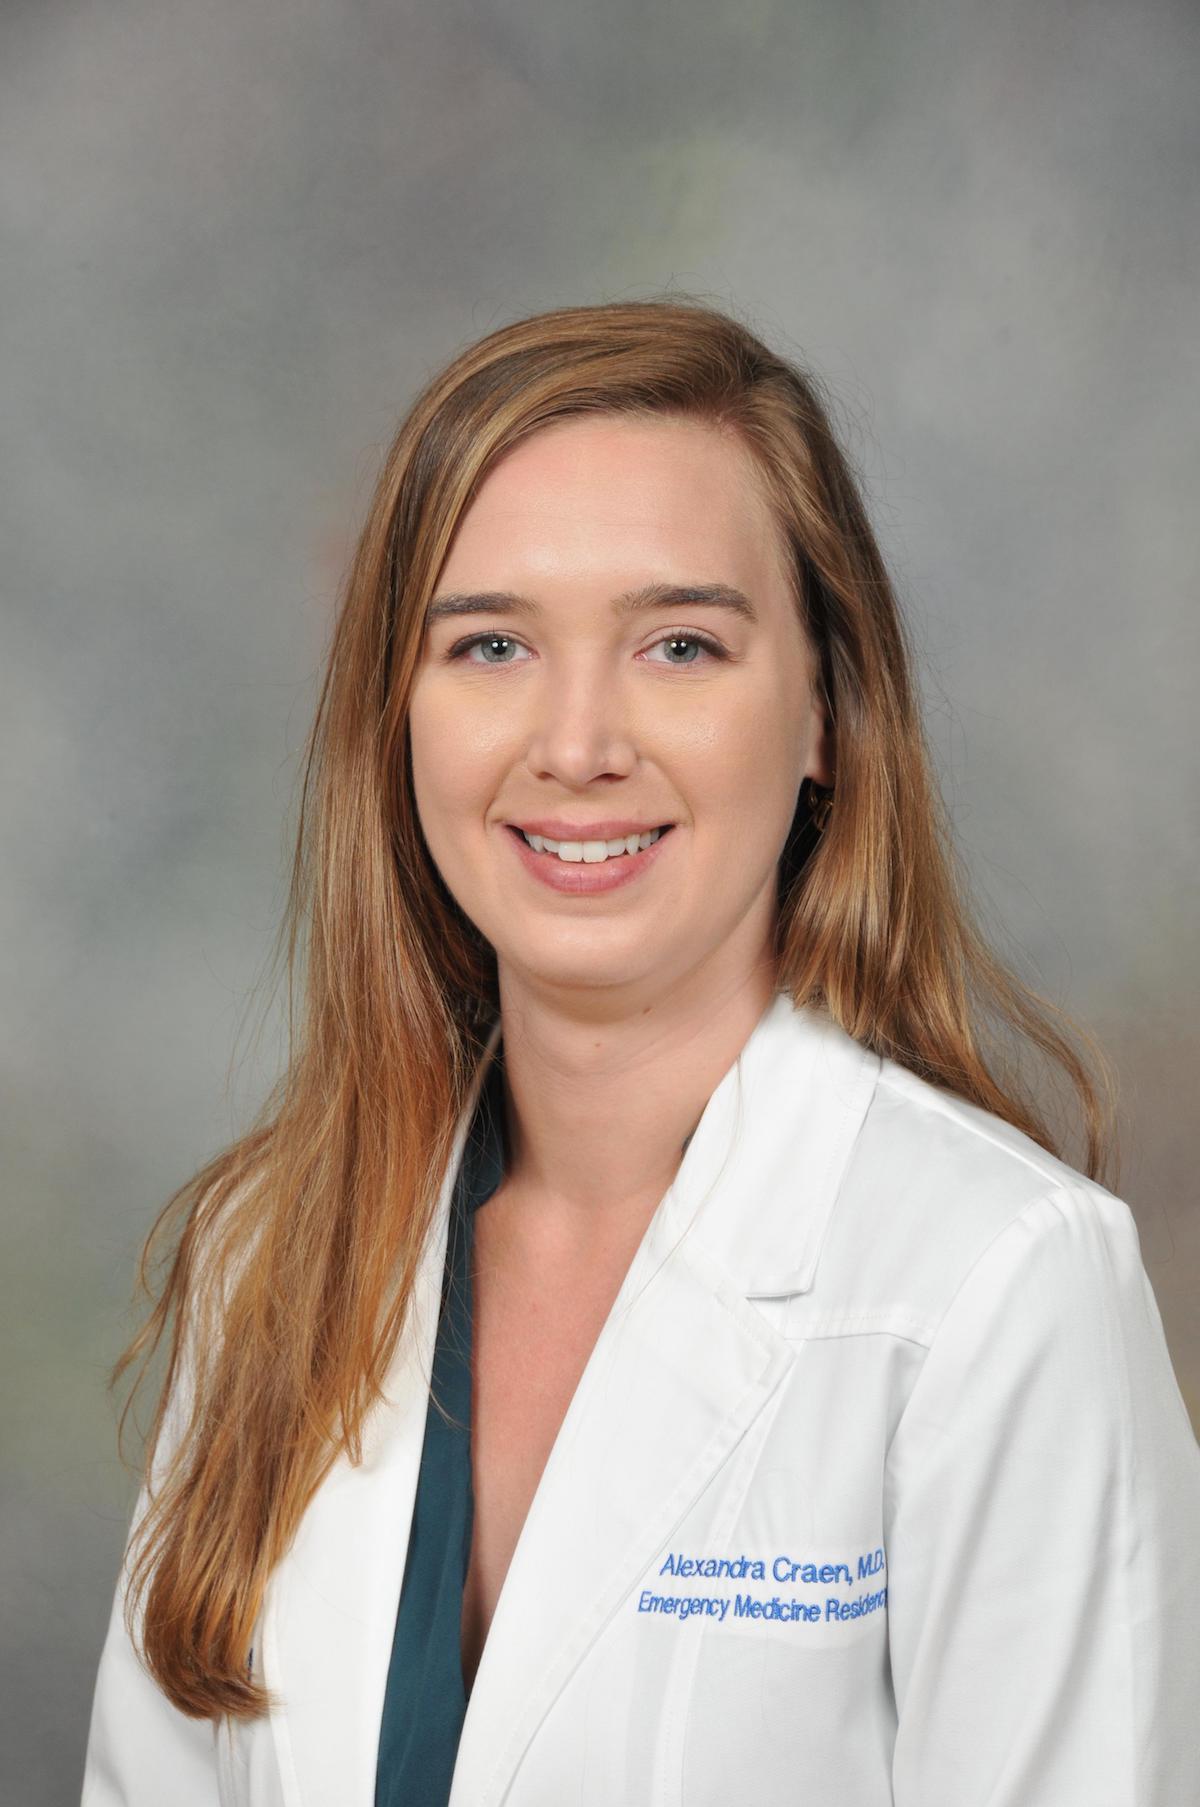 Alexandra Craen, M.D.